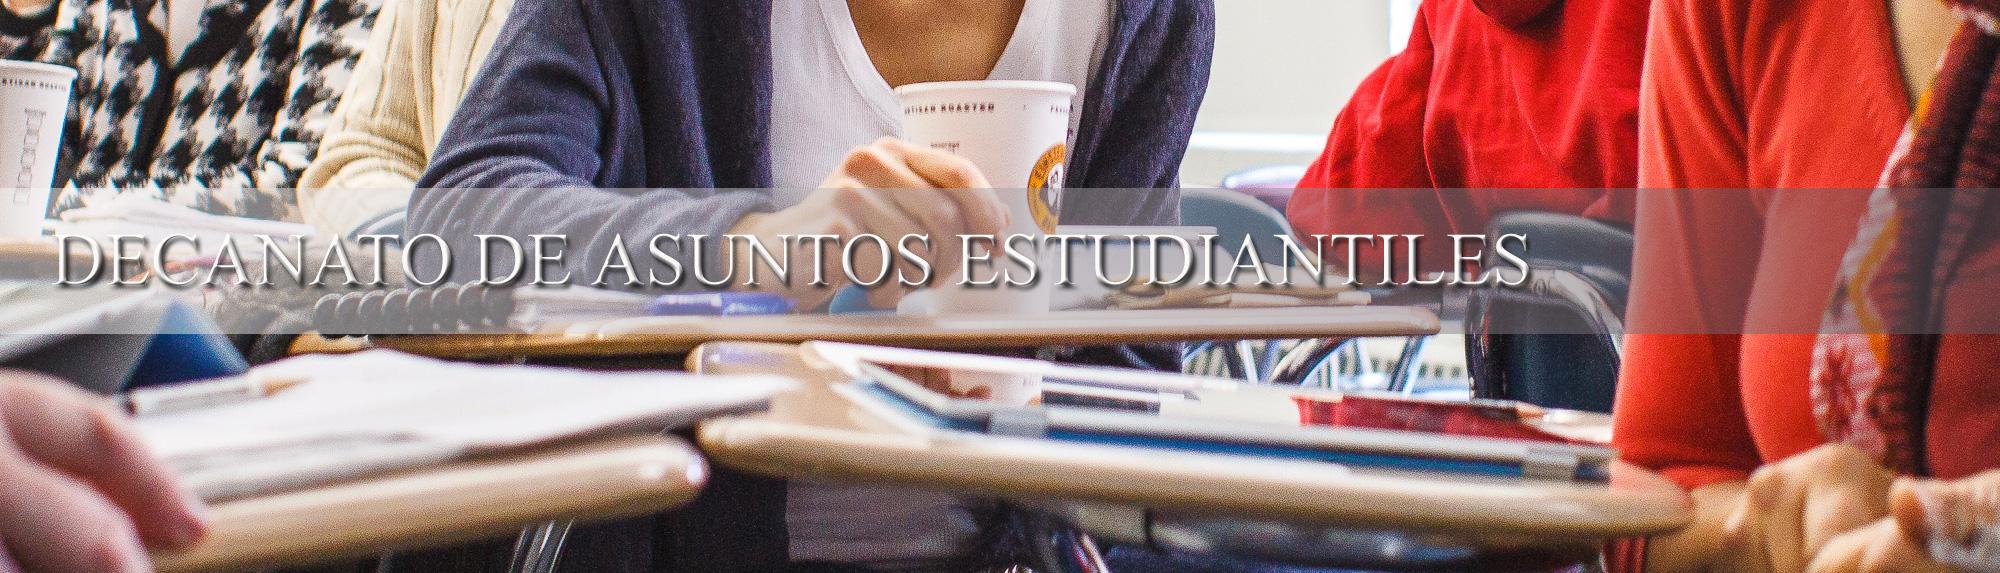 Decanato_Asuntos_Estudianti